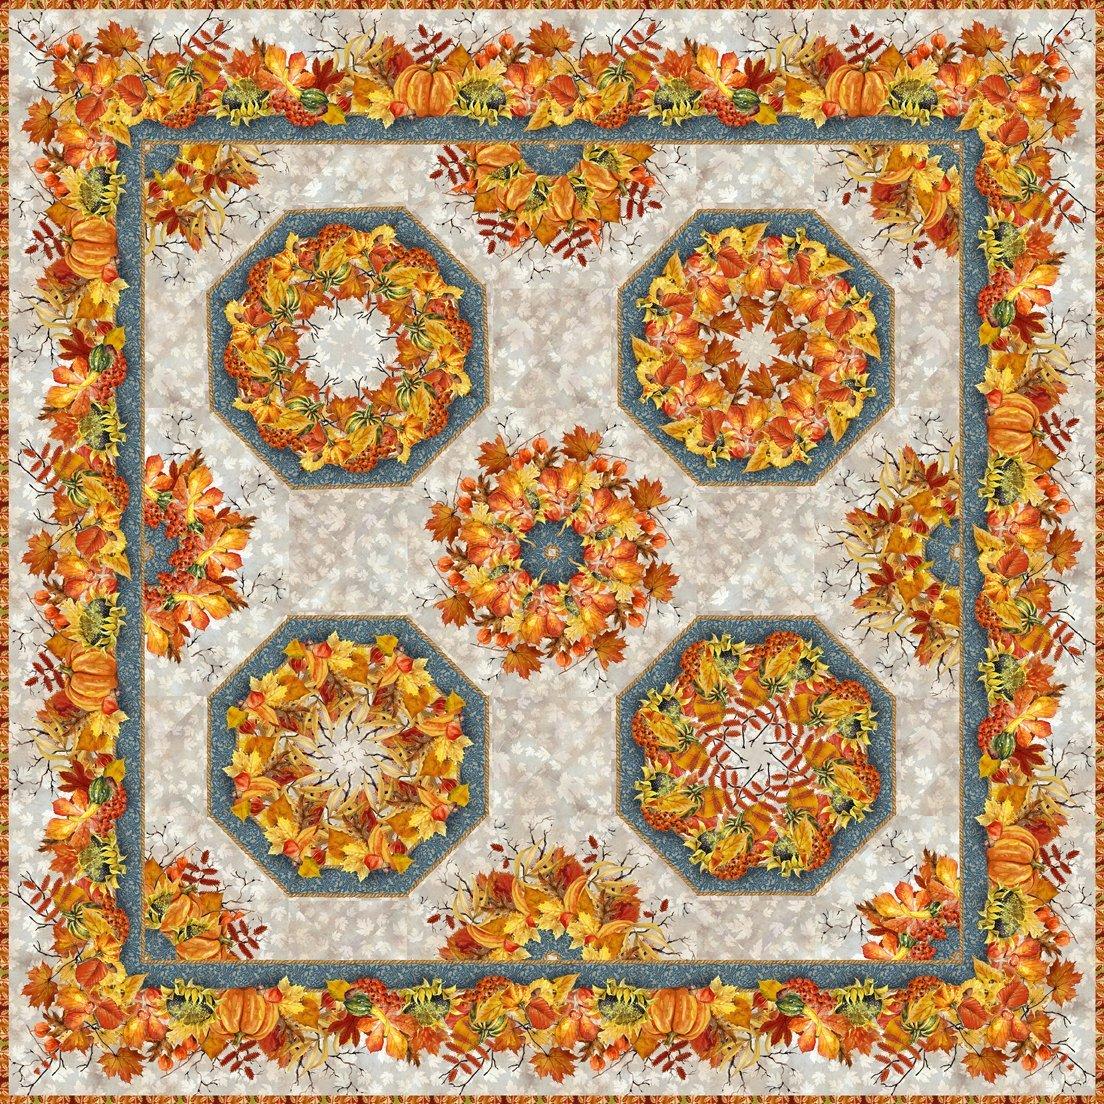 Our Autumn Friends Kaleidoscope Quilt